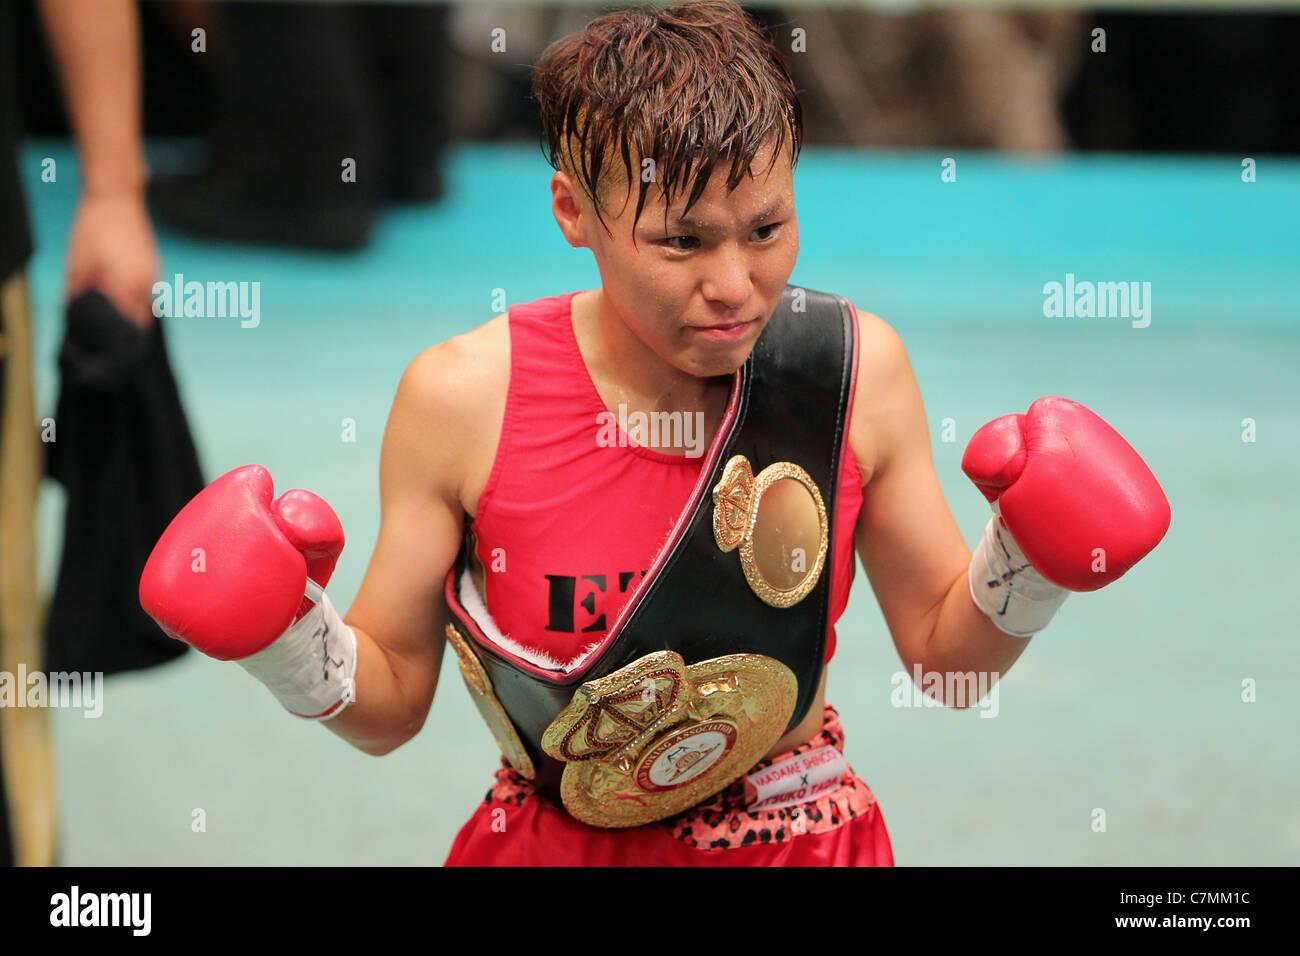 Etsuko Tada (JPN) pone dopo la vittoria del 2011 WBA femmina peso minimo . Immagini Stock